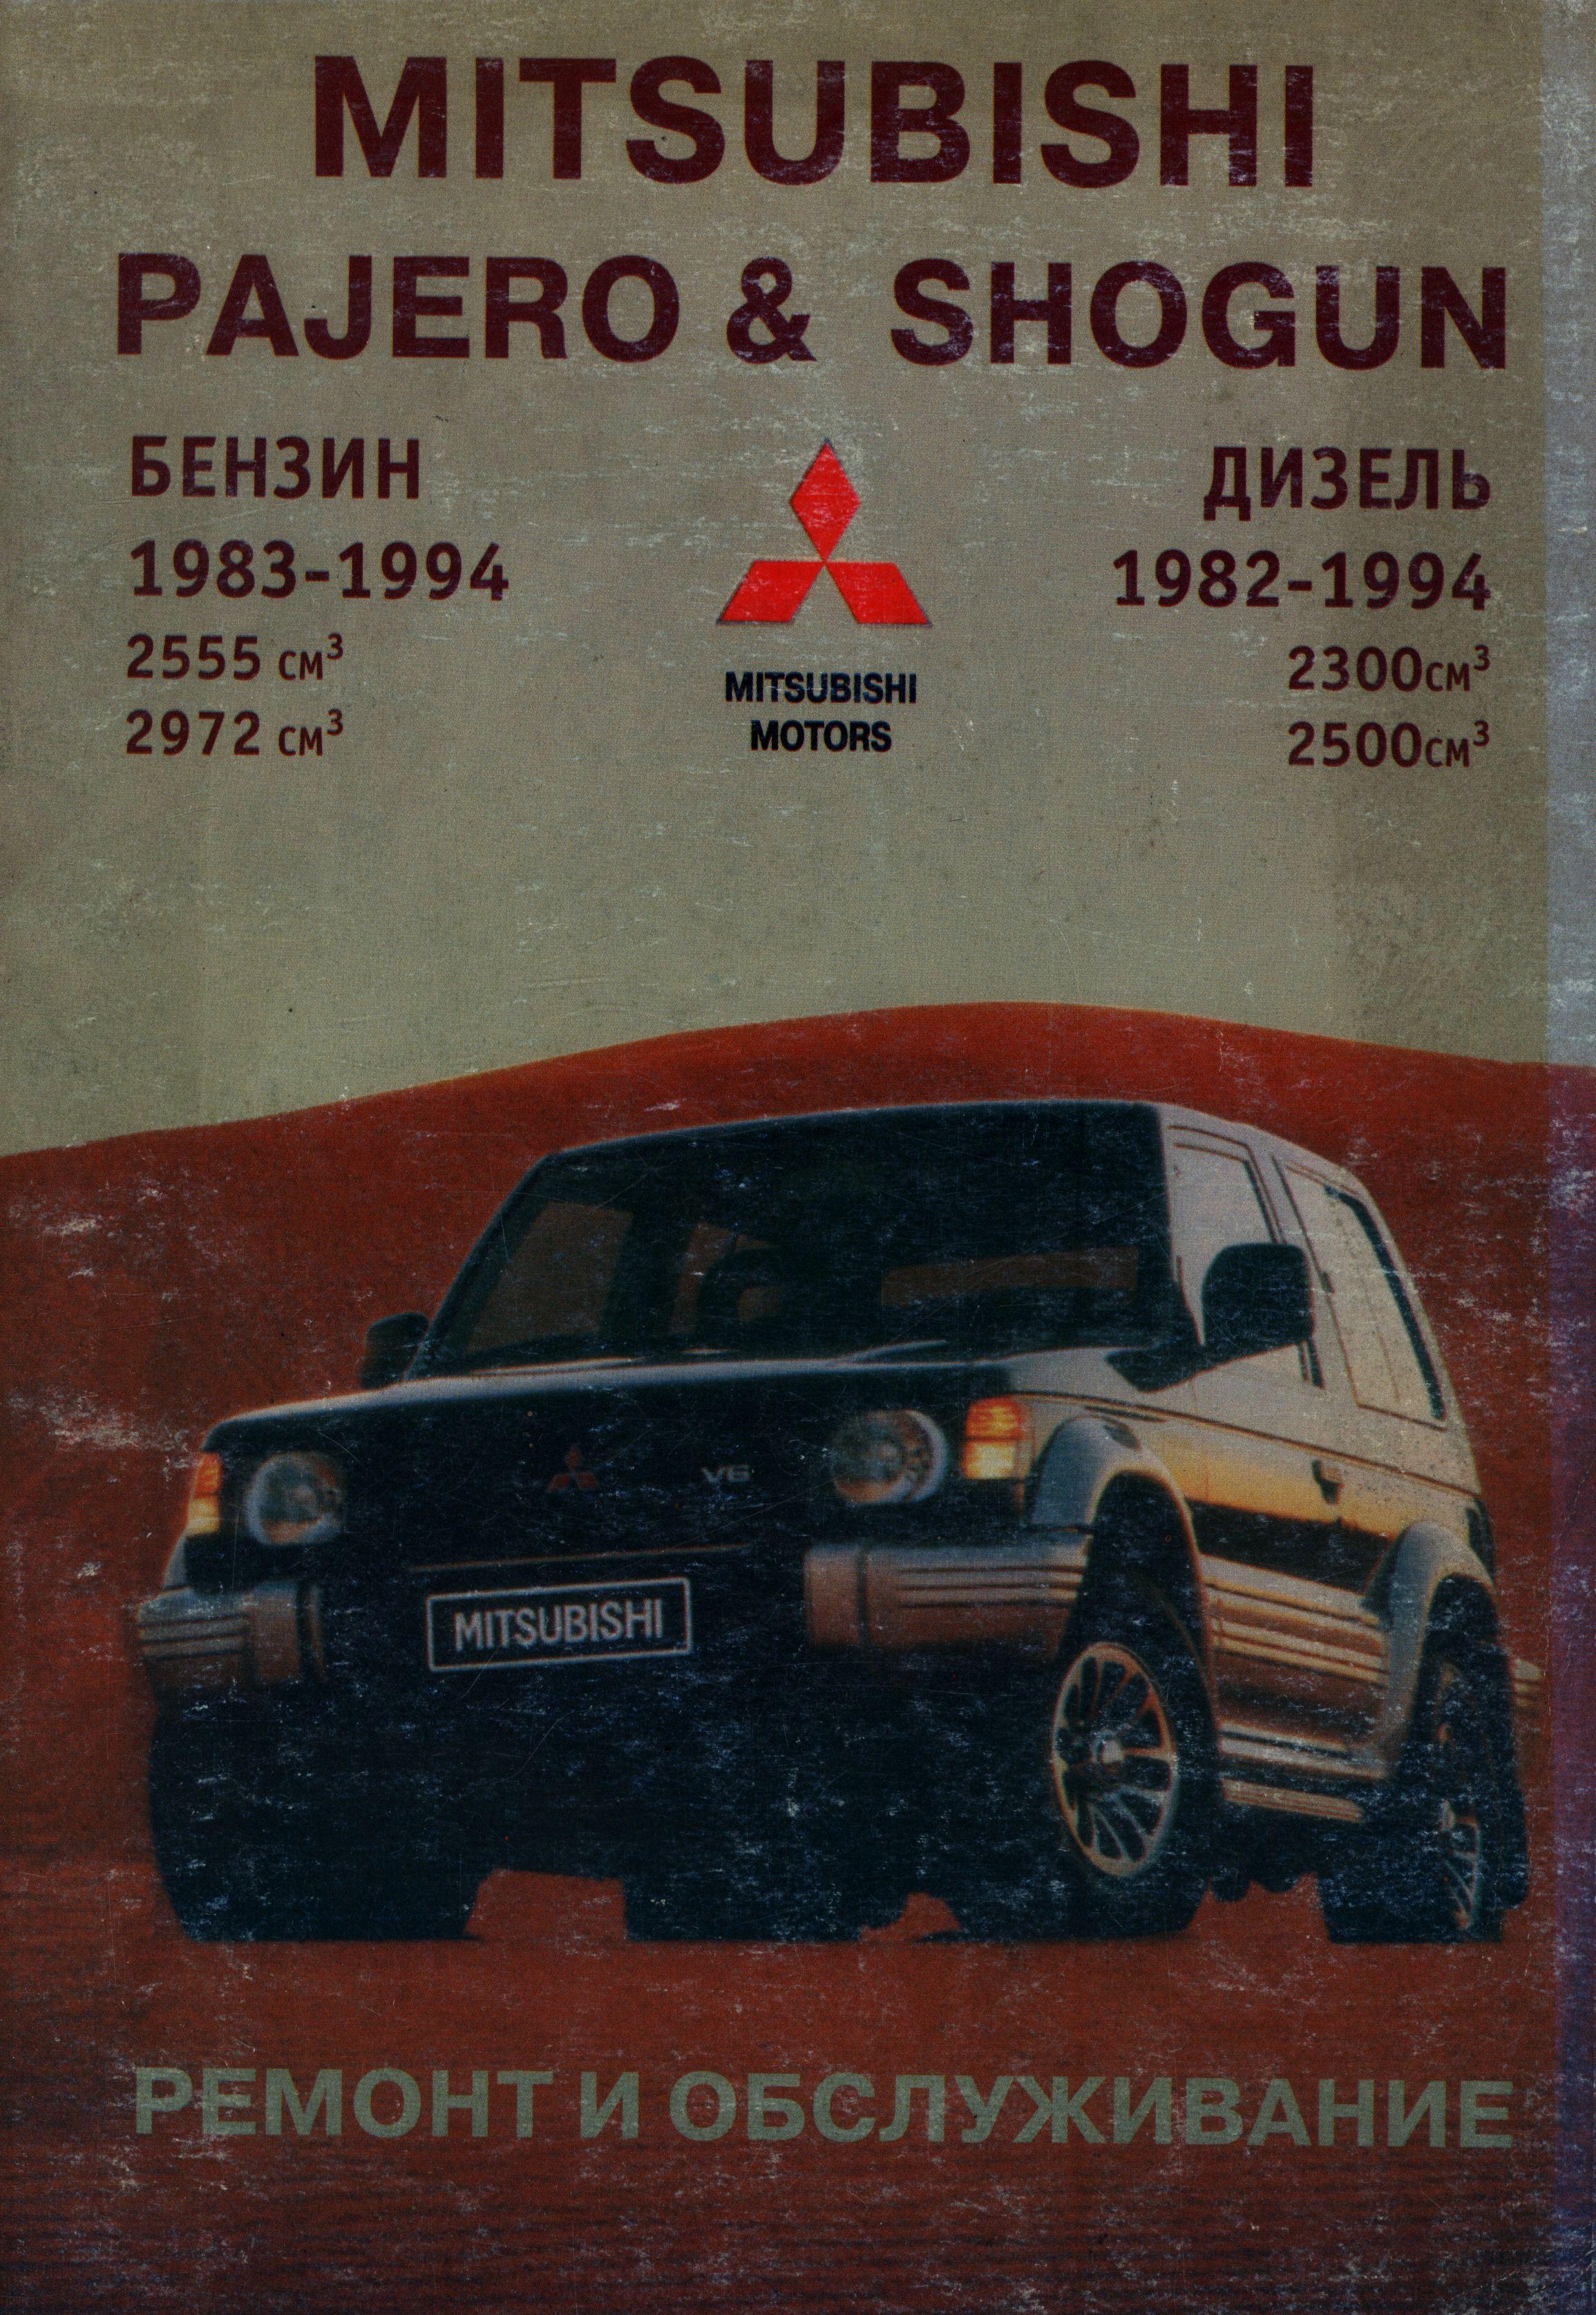 MITSUBISHI SHOGUN 1982-1994 бензин/дизель Пособие по ремонту и техническому обслуживанию